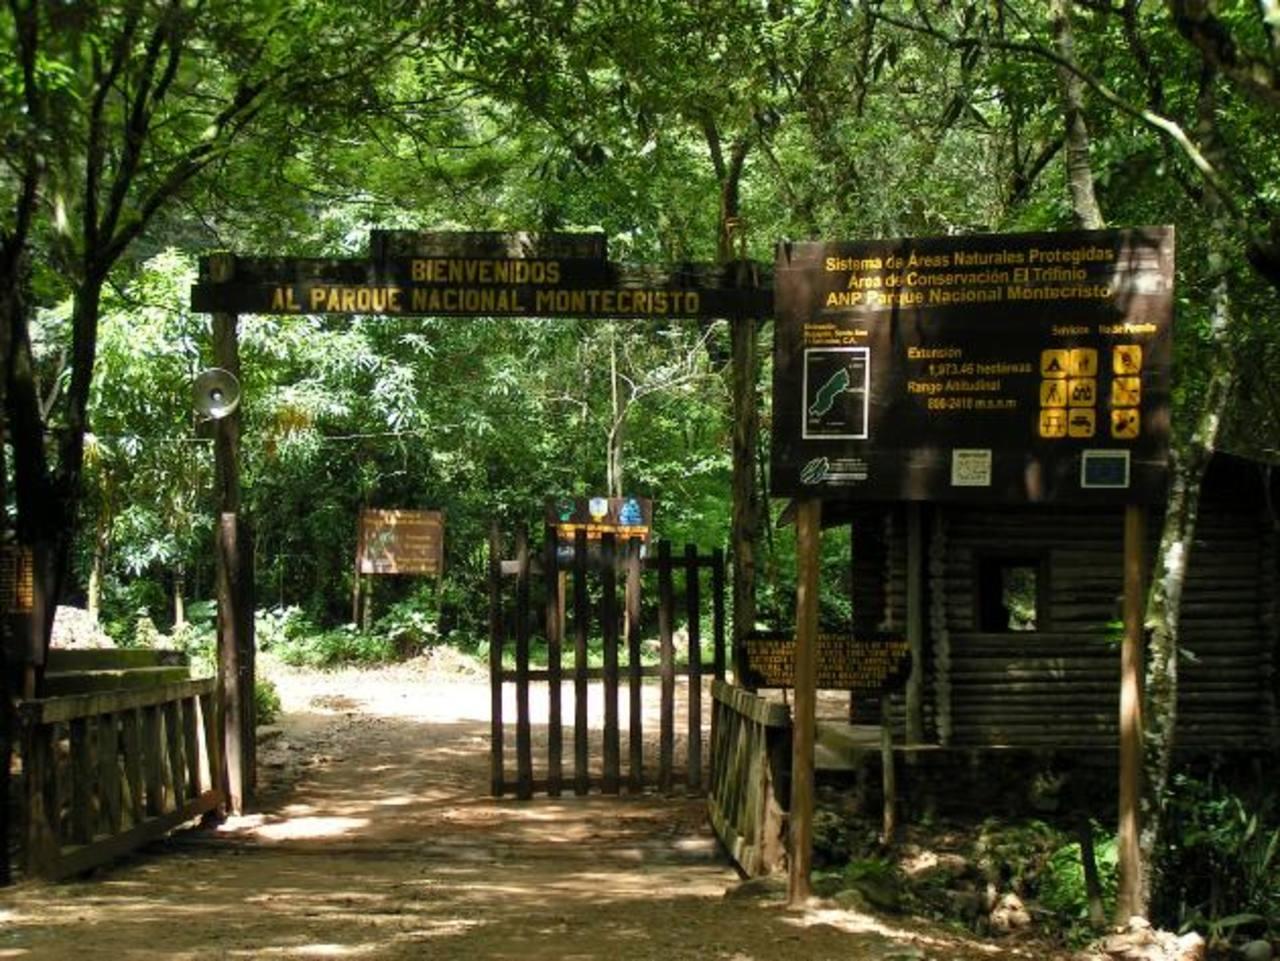 Reabren Parque Montecristo tras cierre por derrumbes